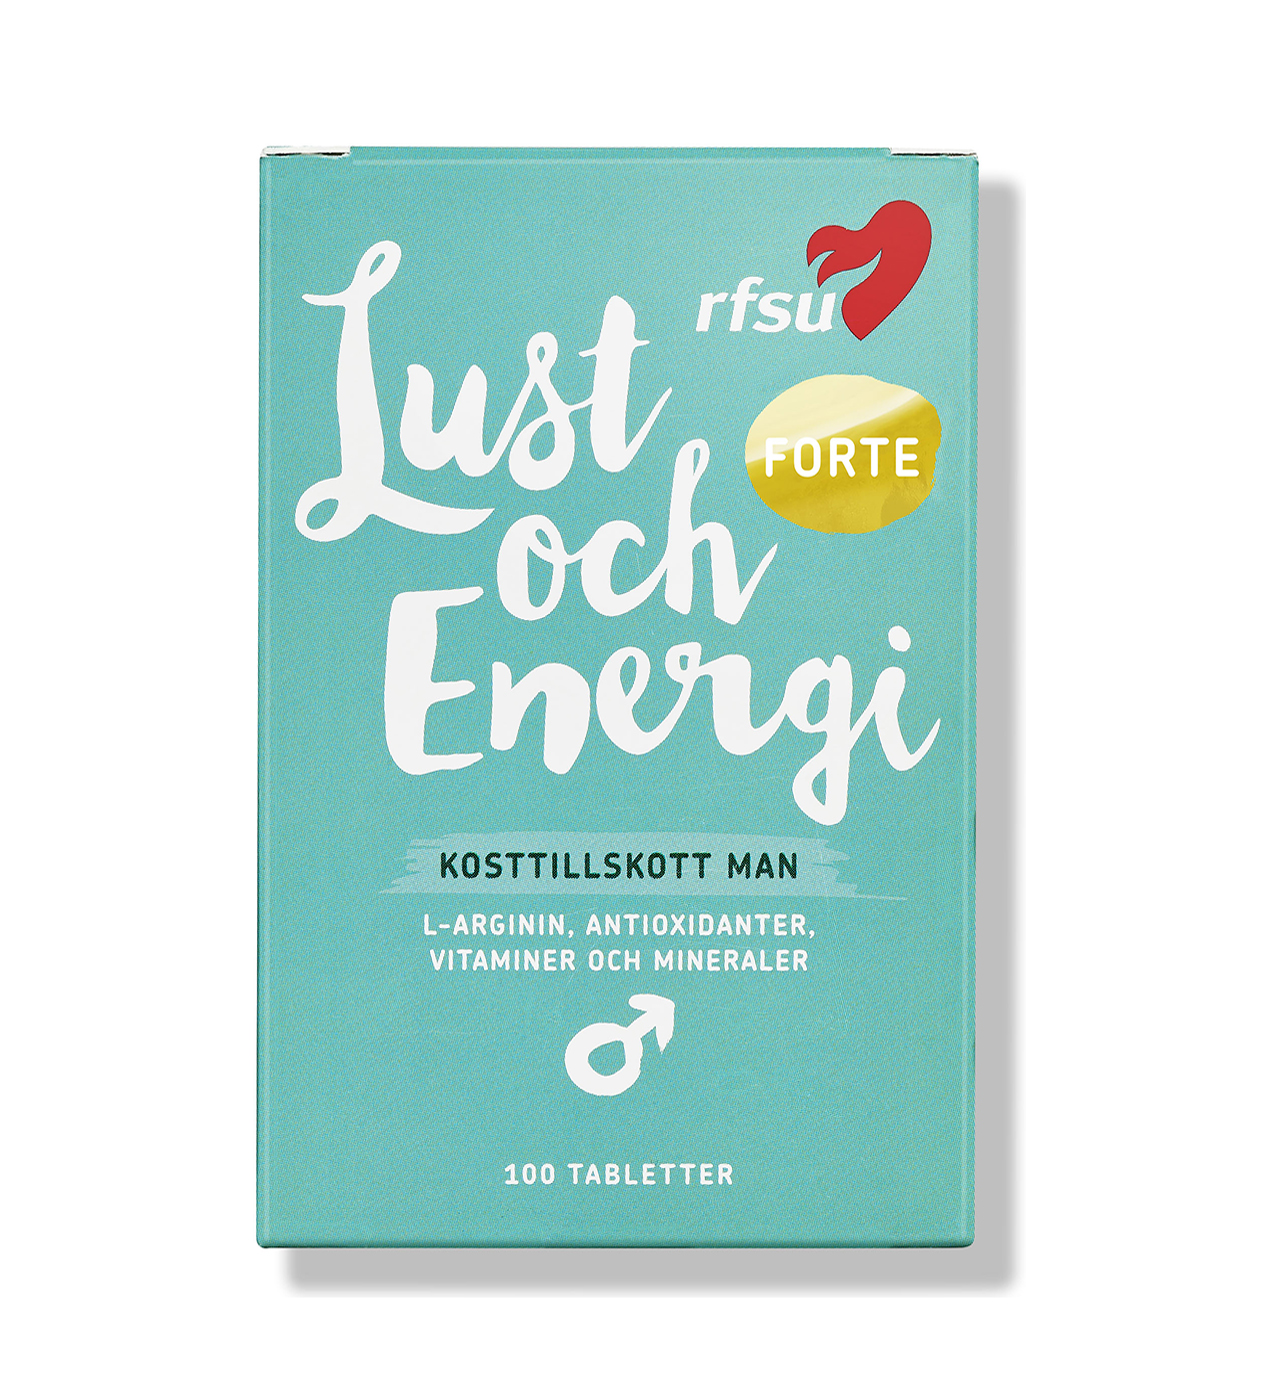 lust och energi man rfsu